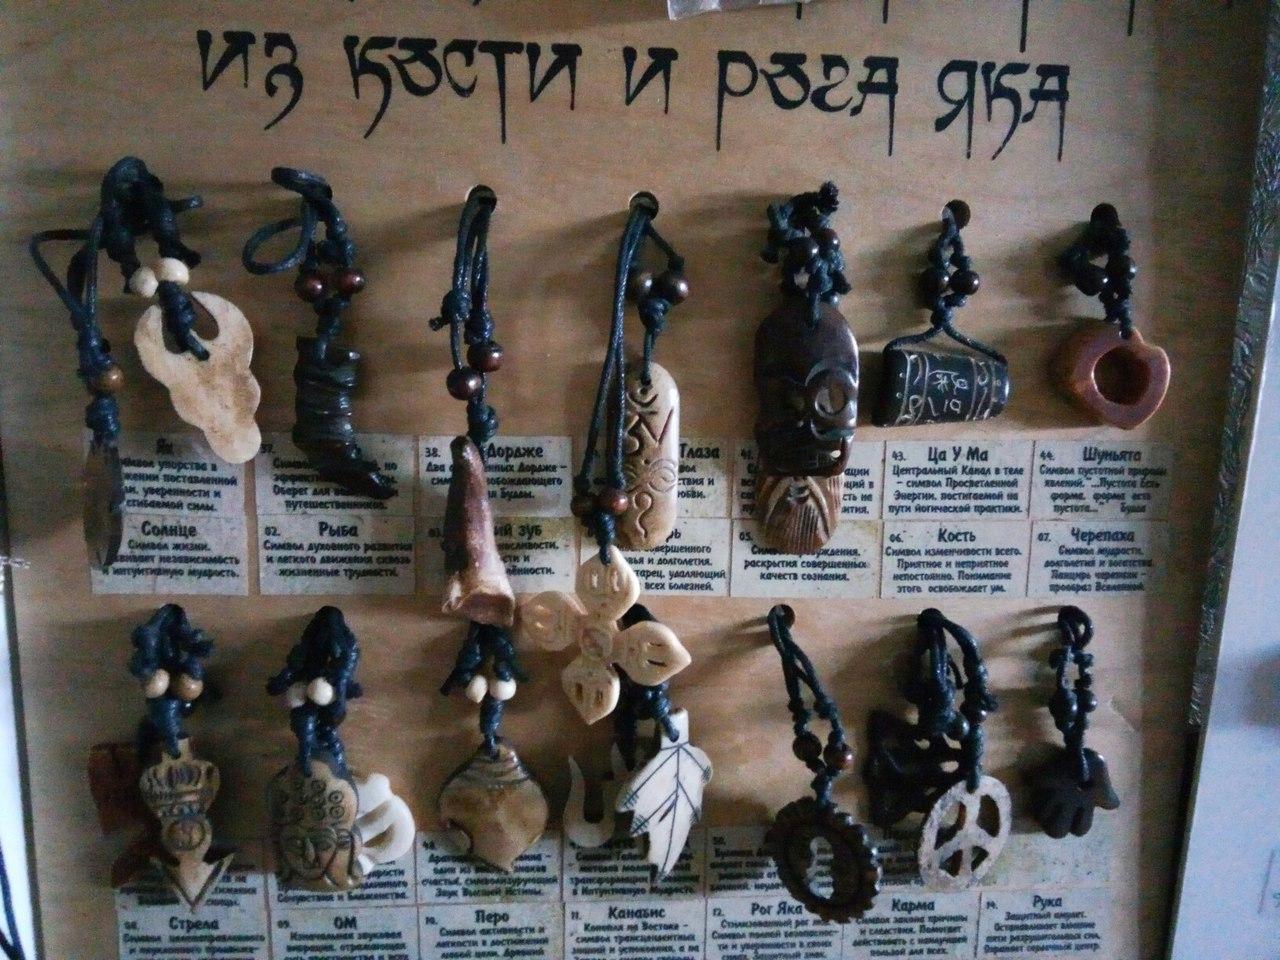 Тибетские амулеты из рога и кости яка. - Страница 2 HnHidVKcbGI